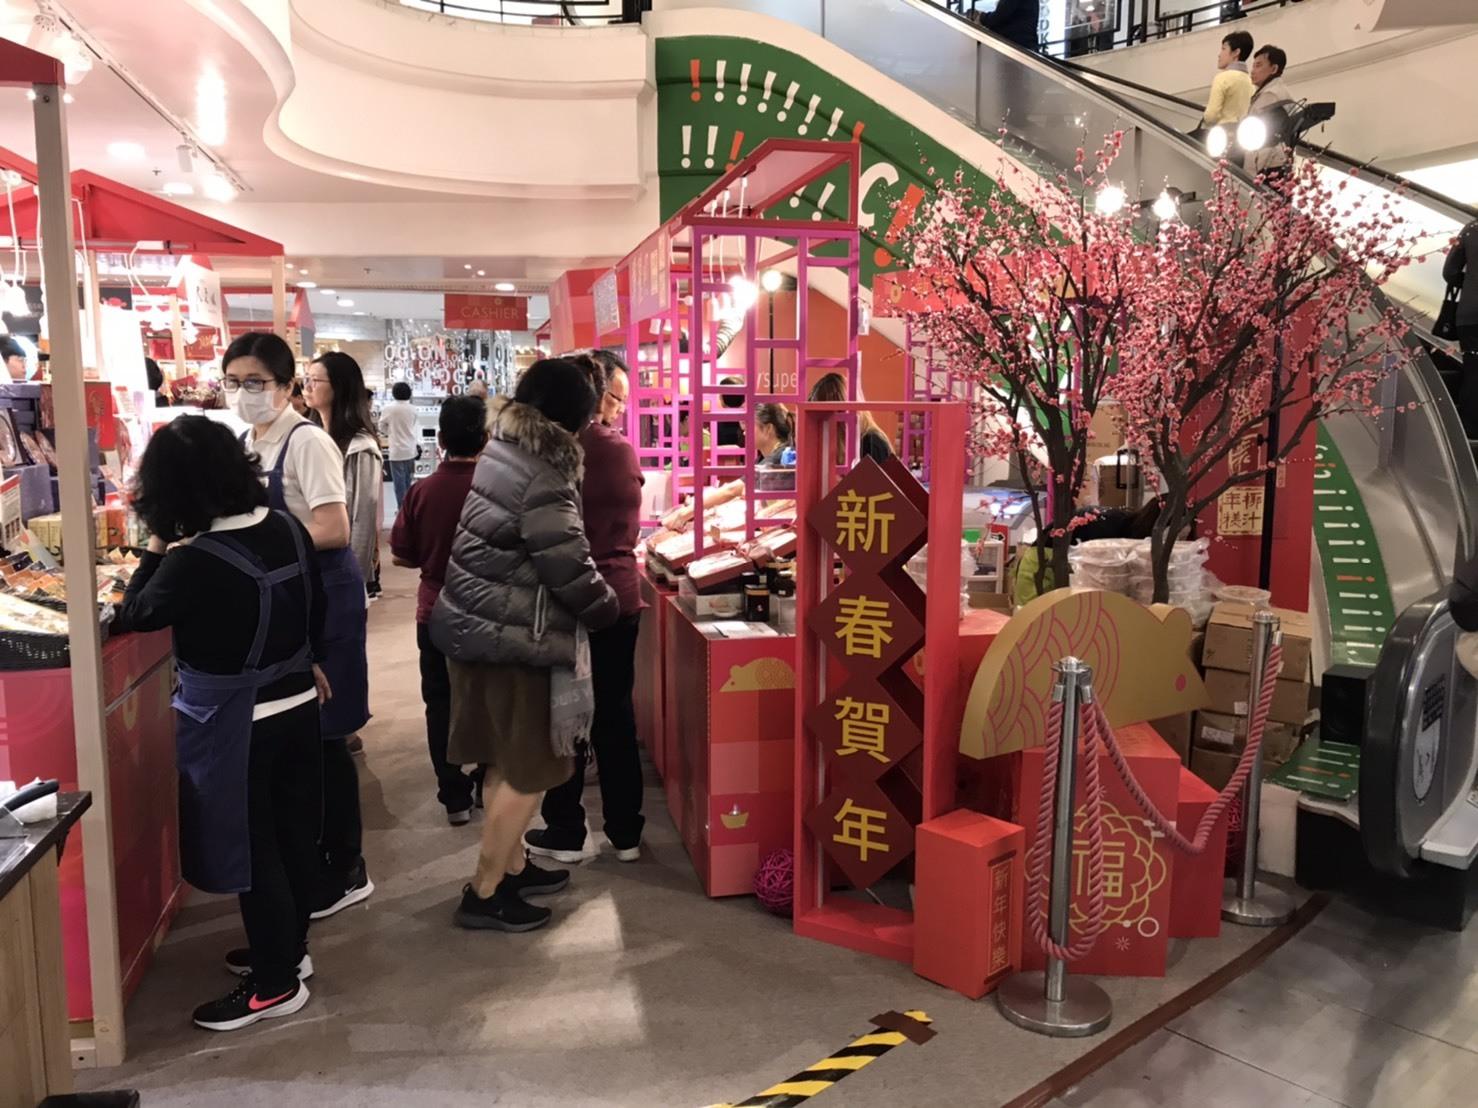 香港City\'super 2020 Chinese NEW YEAR Promotion!!_a0263653_14145837.jpg